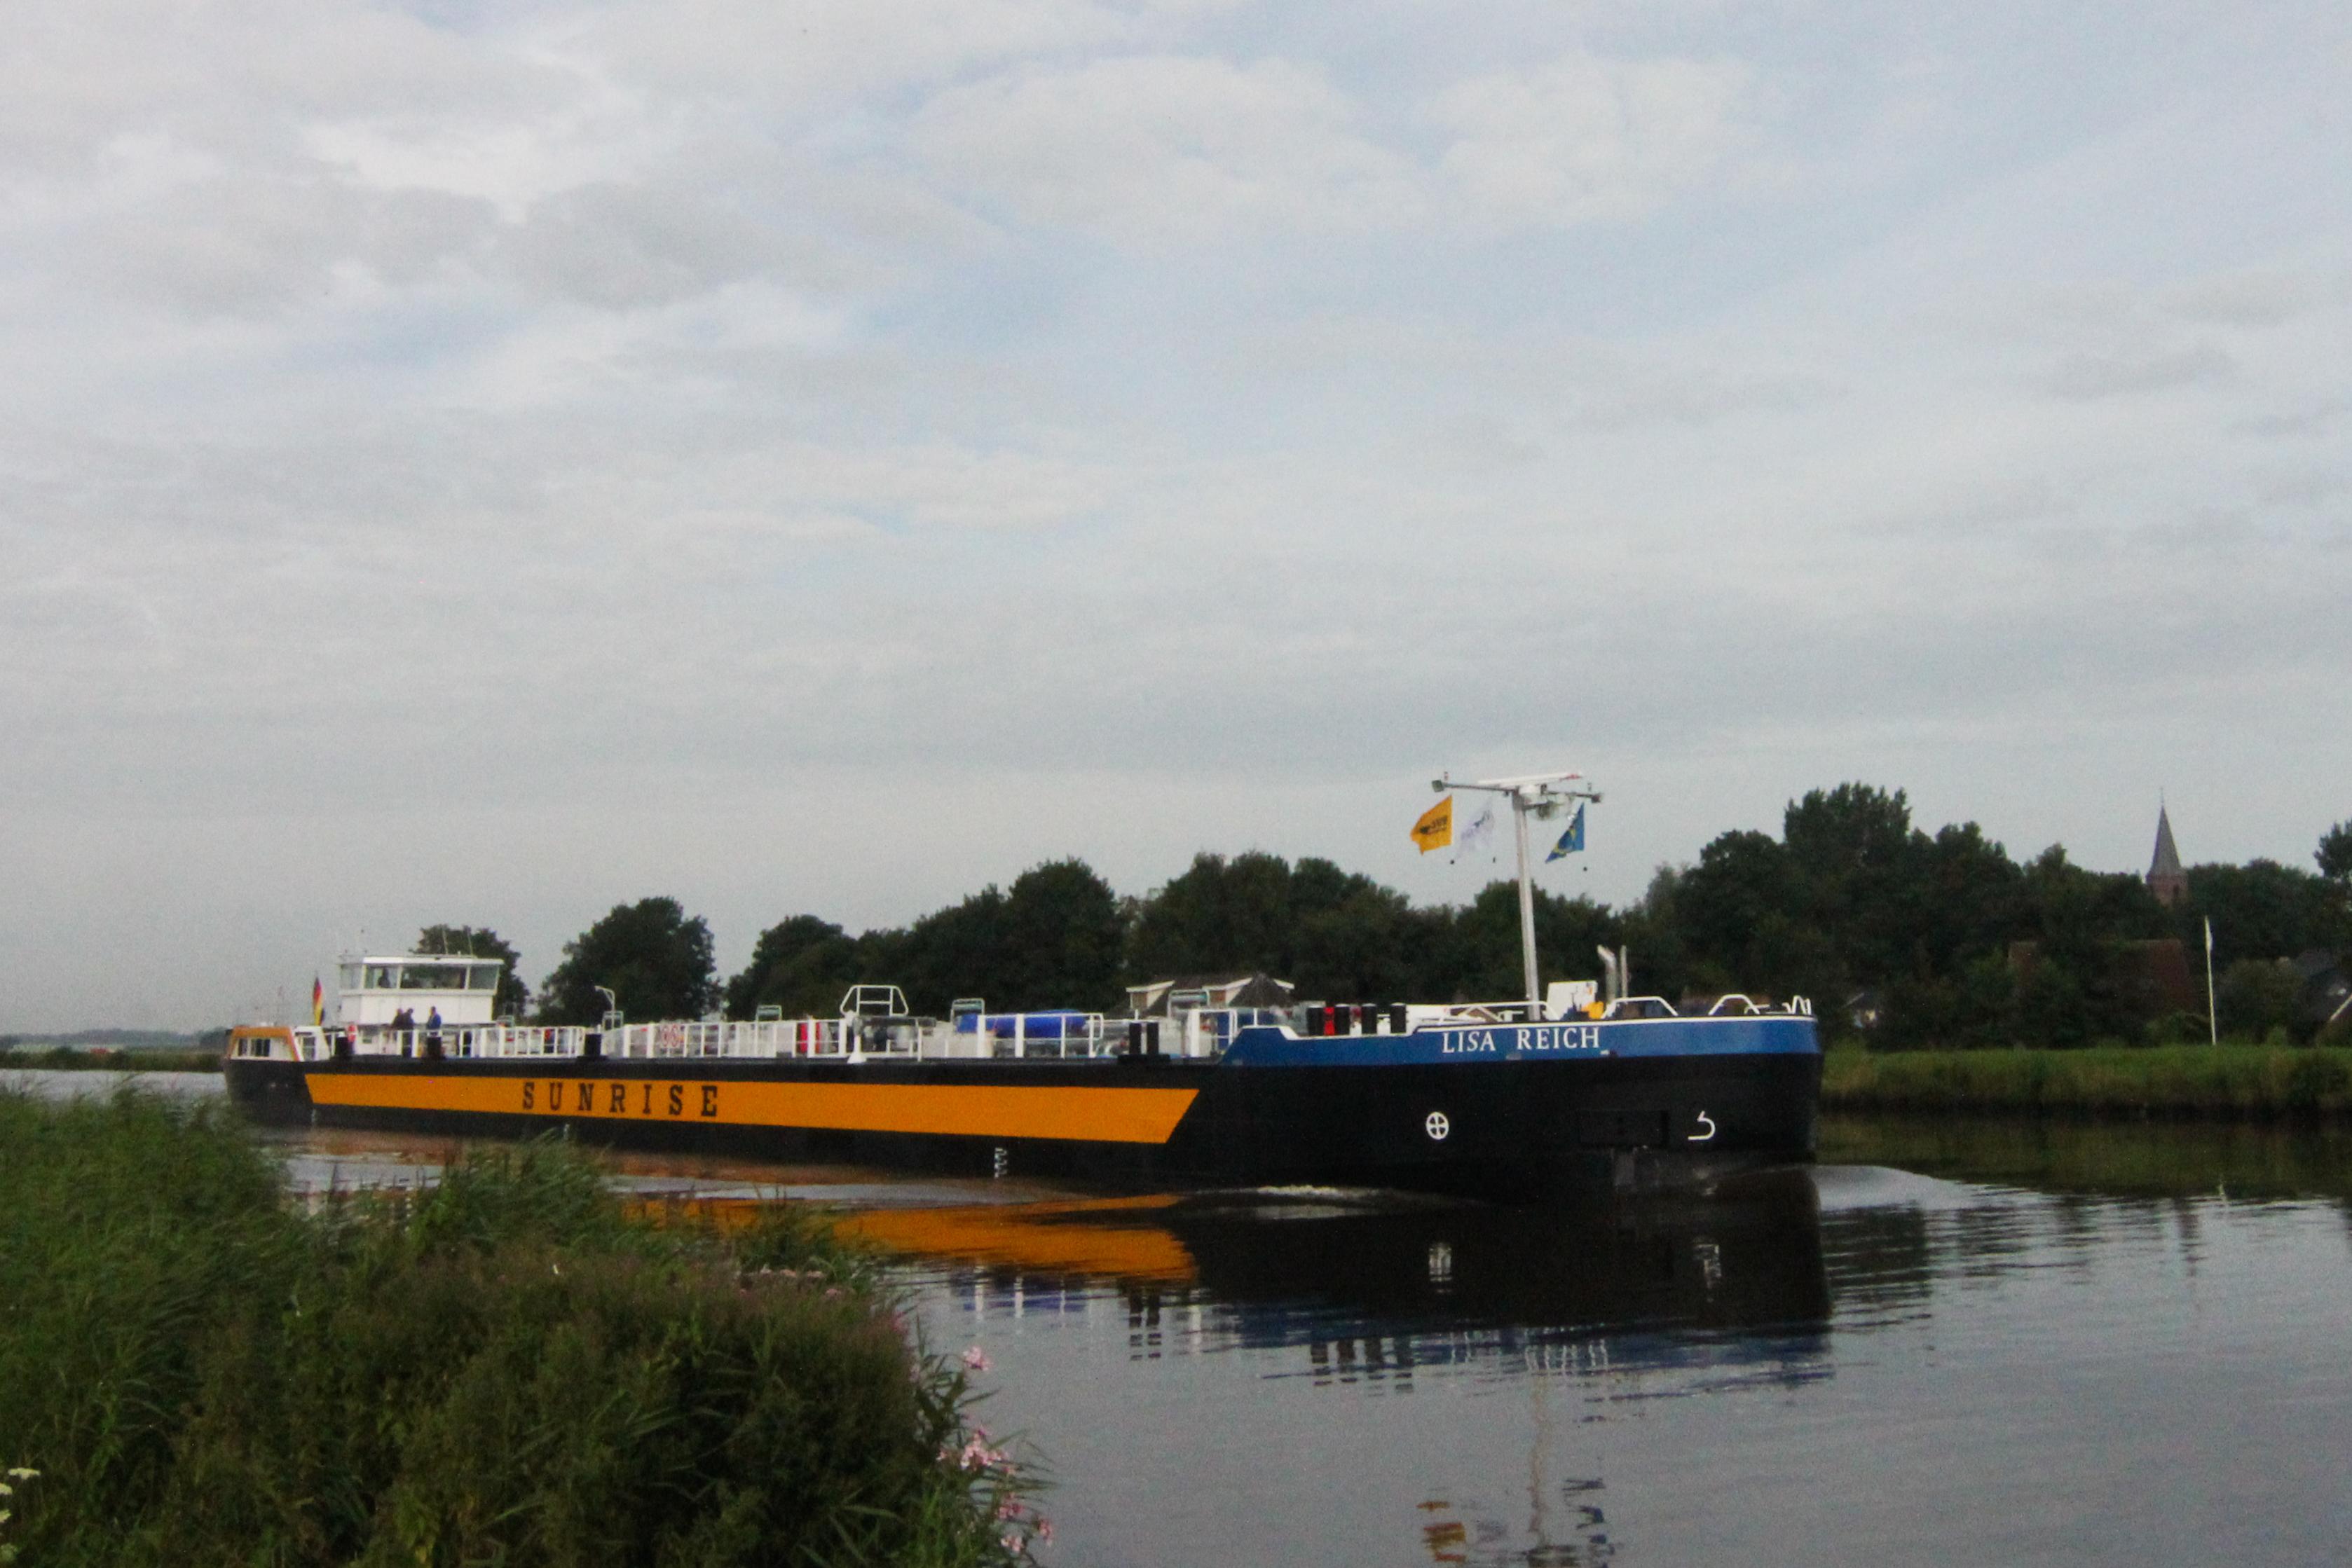 foto van de gloednieuwe binnenvaarttanker Lisa Reich die GS Yard in Groningen bouwde in opdracht van Reich Schifffahrtsbetriebe uit het Noord-Duitse Lauenburg. De foto is gepubliceerd bij een artikel over dit schip in De Binnenvaartkrant.